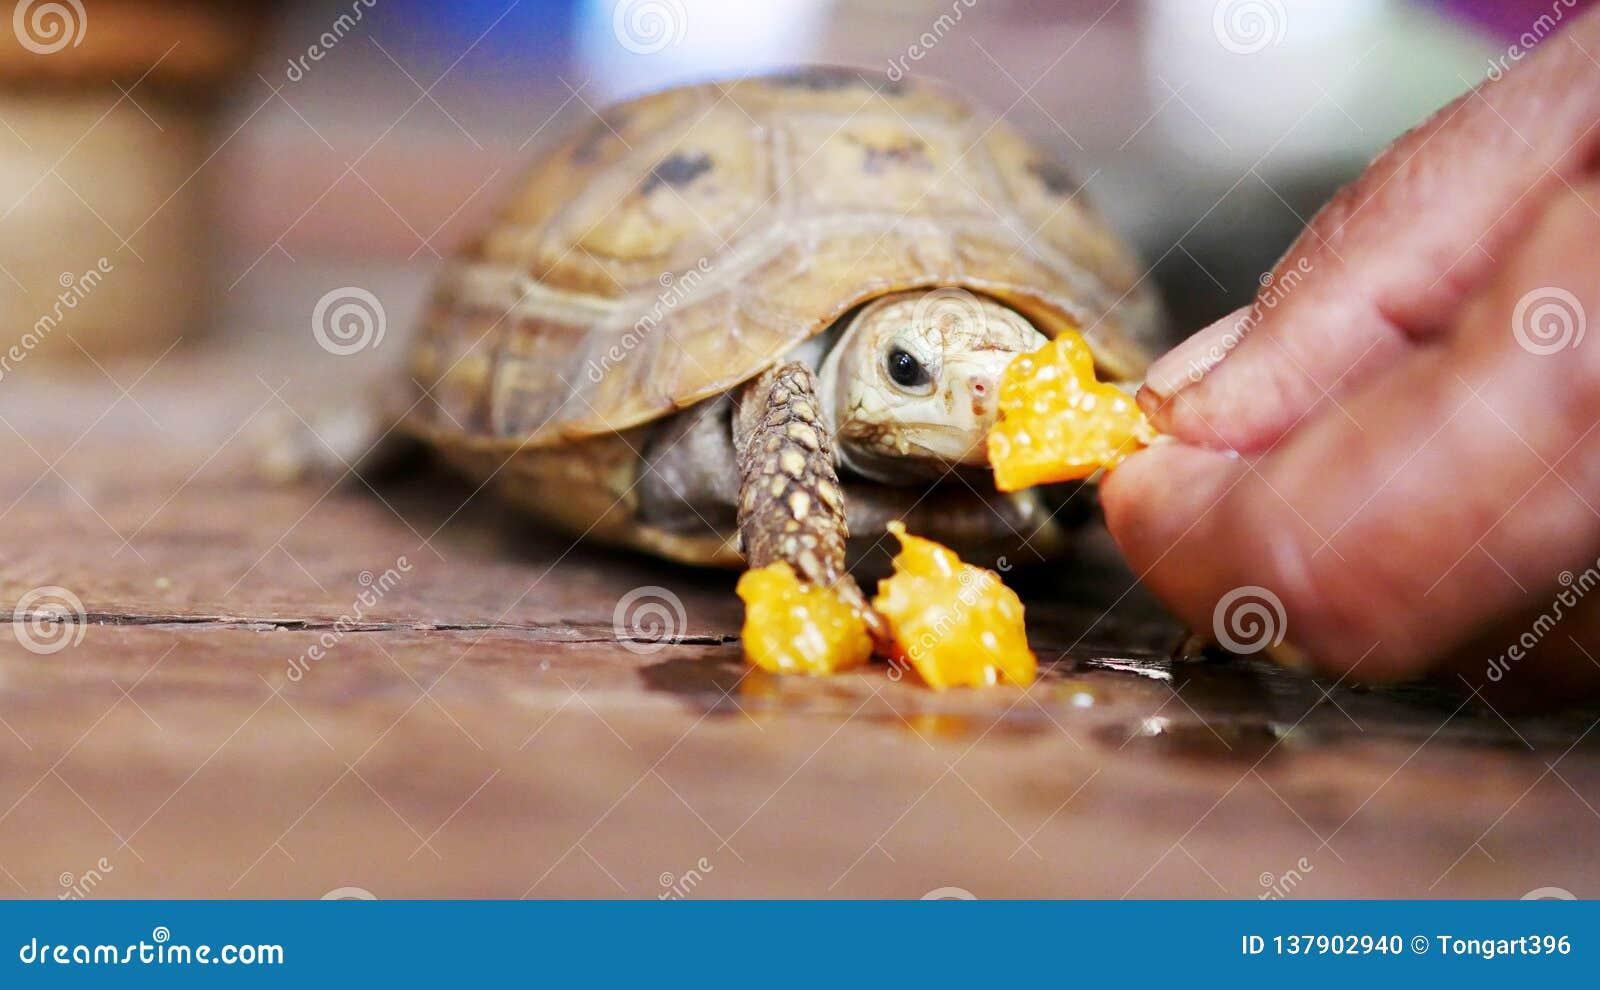 Το χέρι κρατά τα τρόφιμα για τη μικρή χελώνα που ταΐζεται στο σπίτι